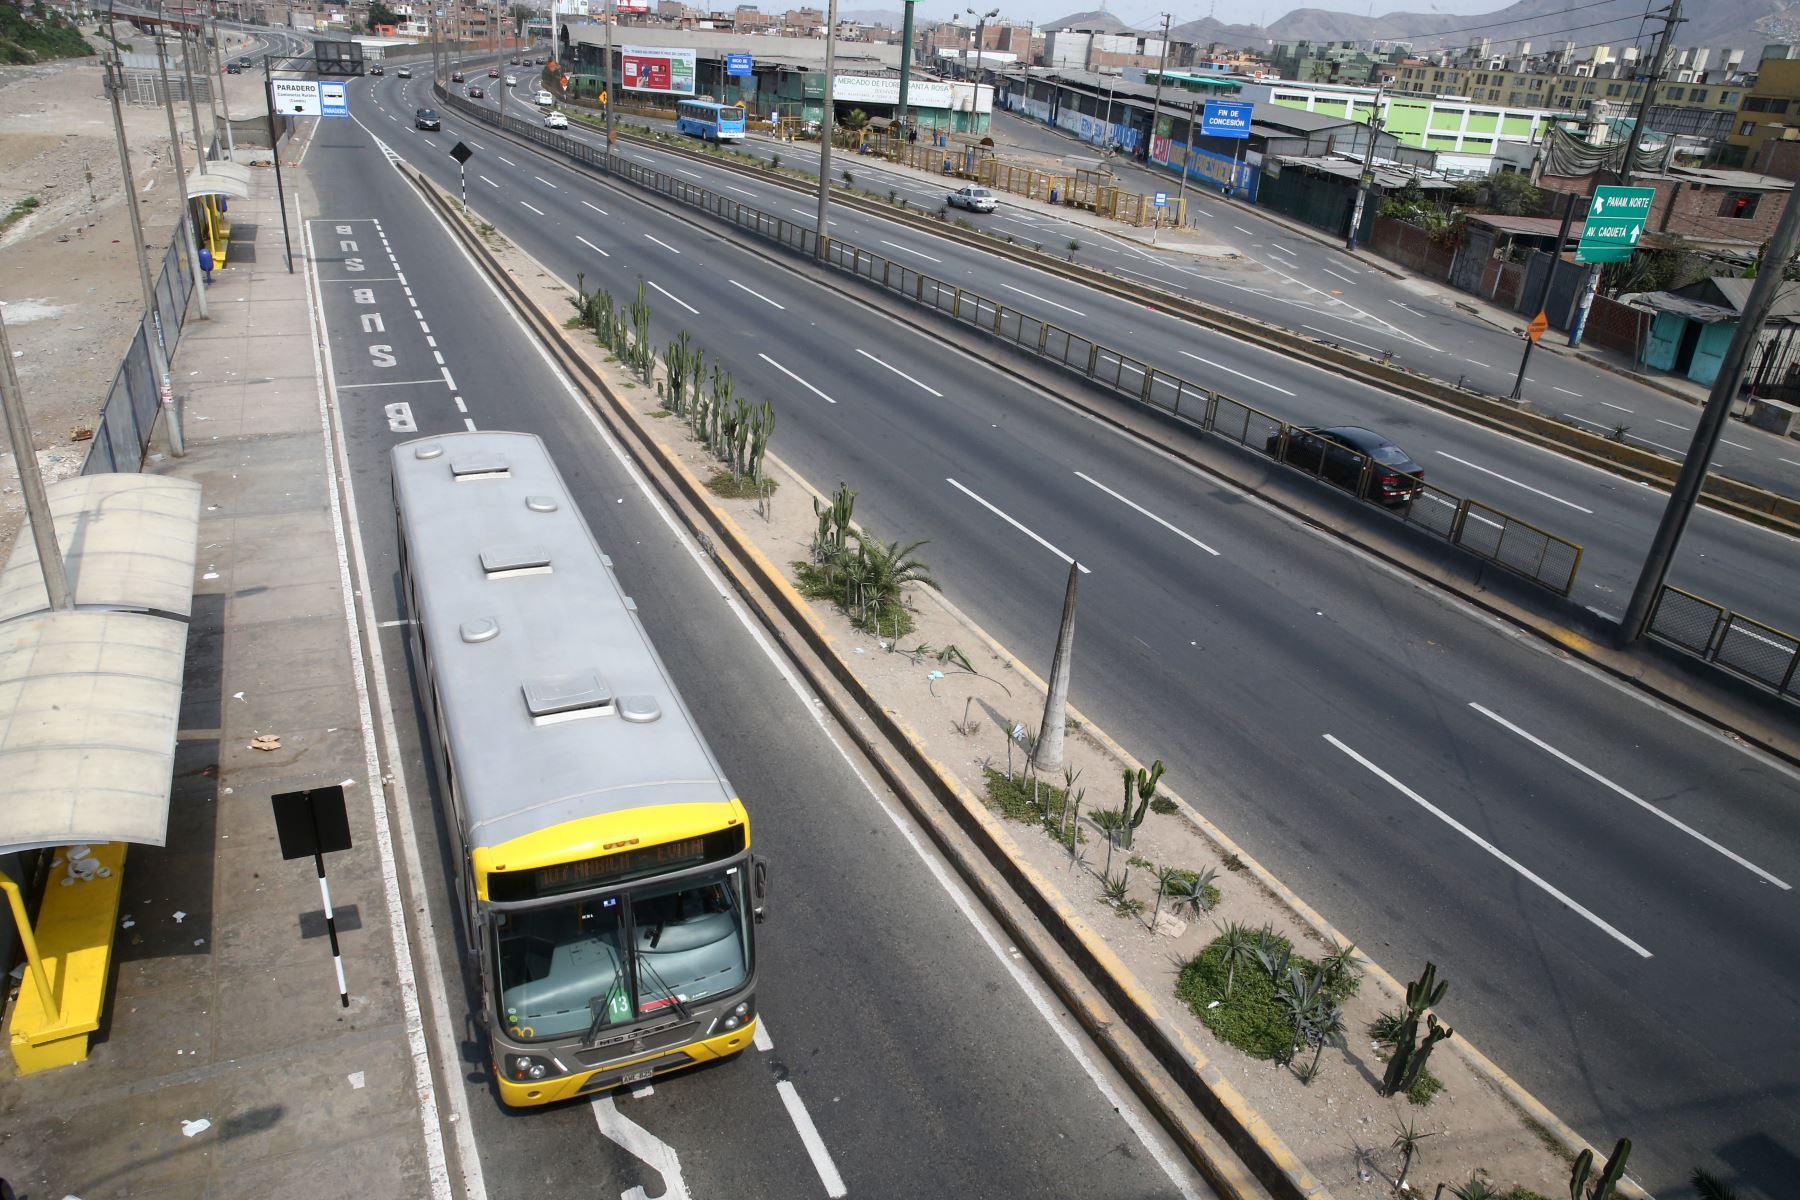 Hoy domingo no pueden circular vehículos particulares en Lima y Callao, pero los ciudadanos pueden desplazarse en el transporte público, siempre y cuando usen mascarilla y protector facial. También pueden circular a pie o en bicicletas u otros vehículos no motorizado. Foto: ANDINA/Vidal Tarqui